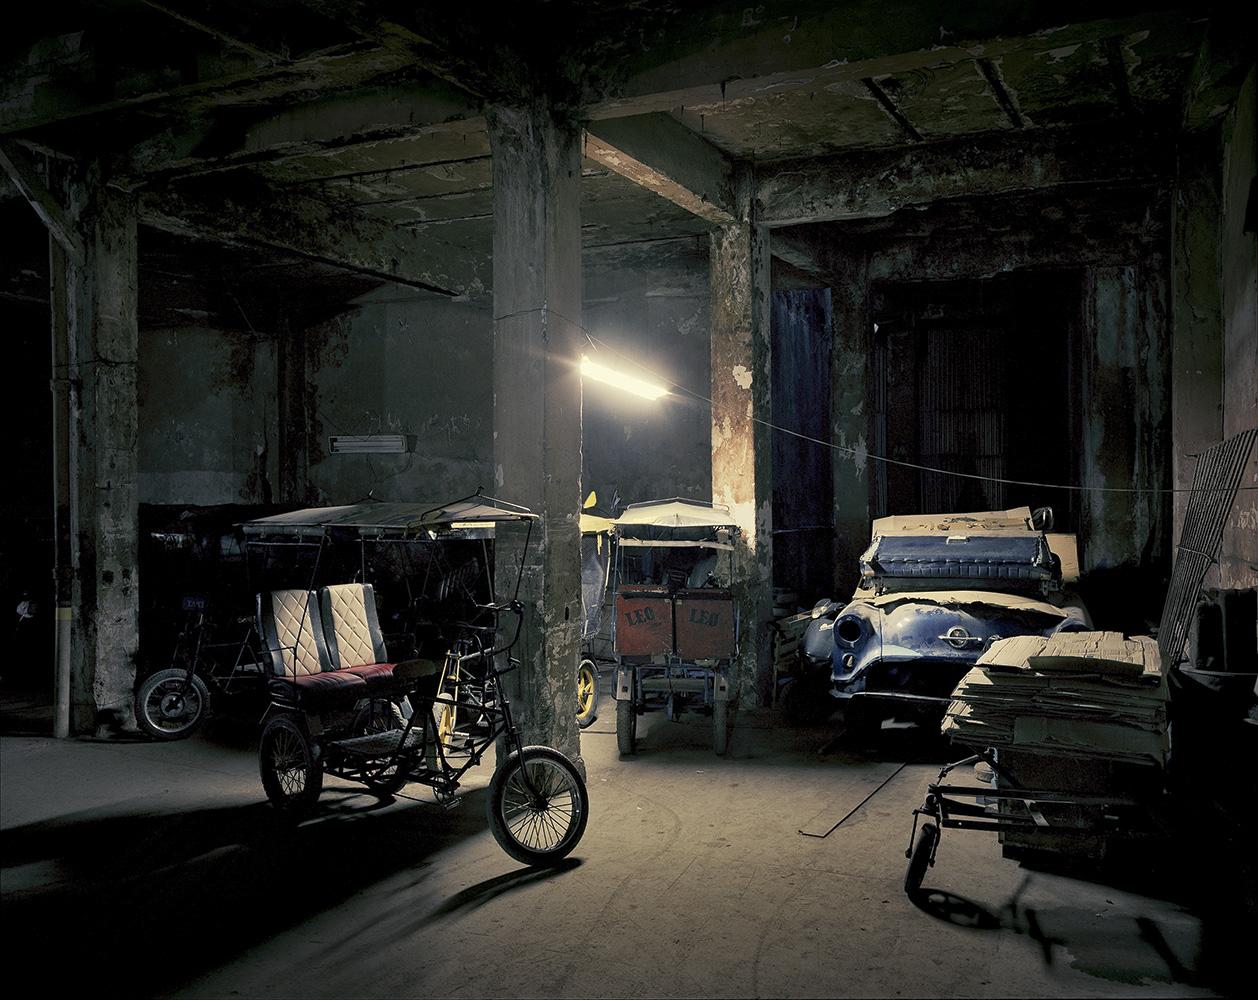 A parking lot inside a rundown building in Old Havana.